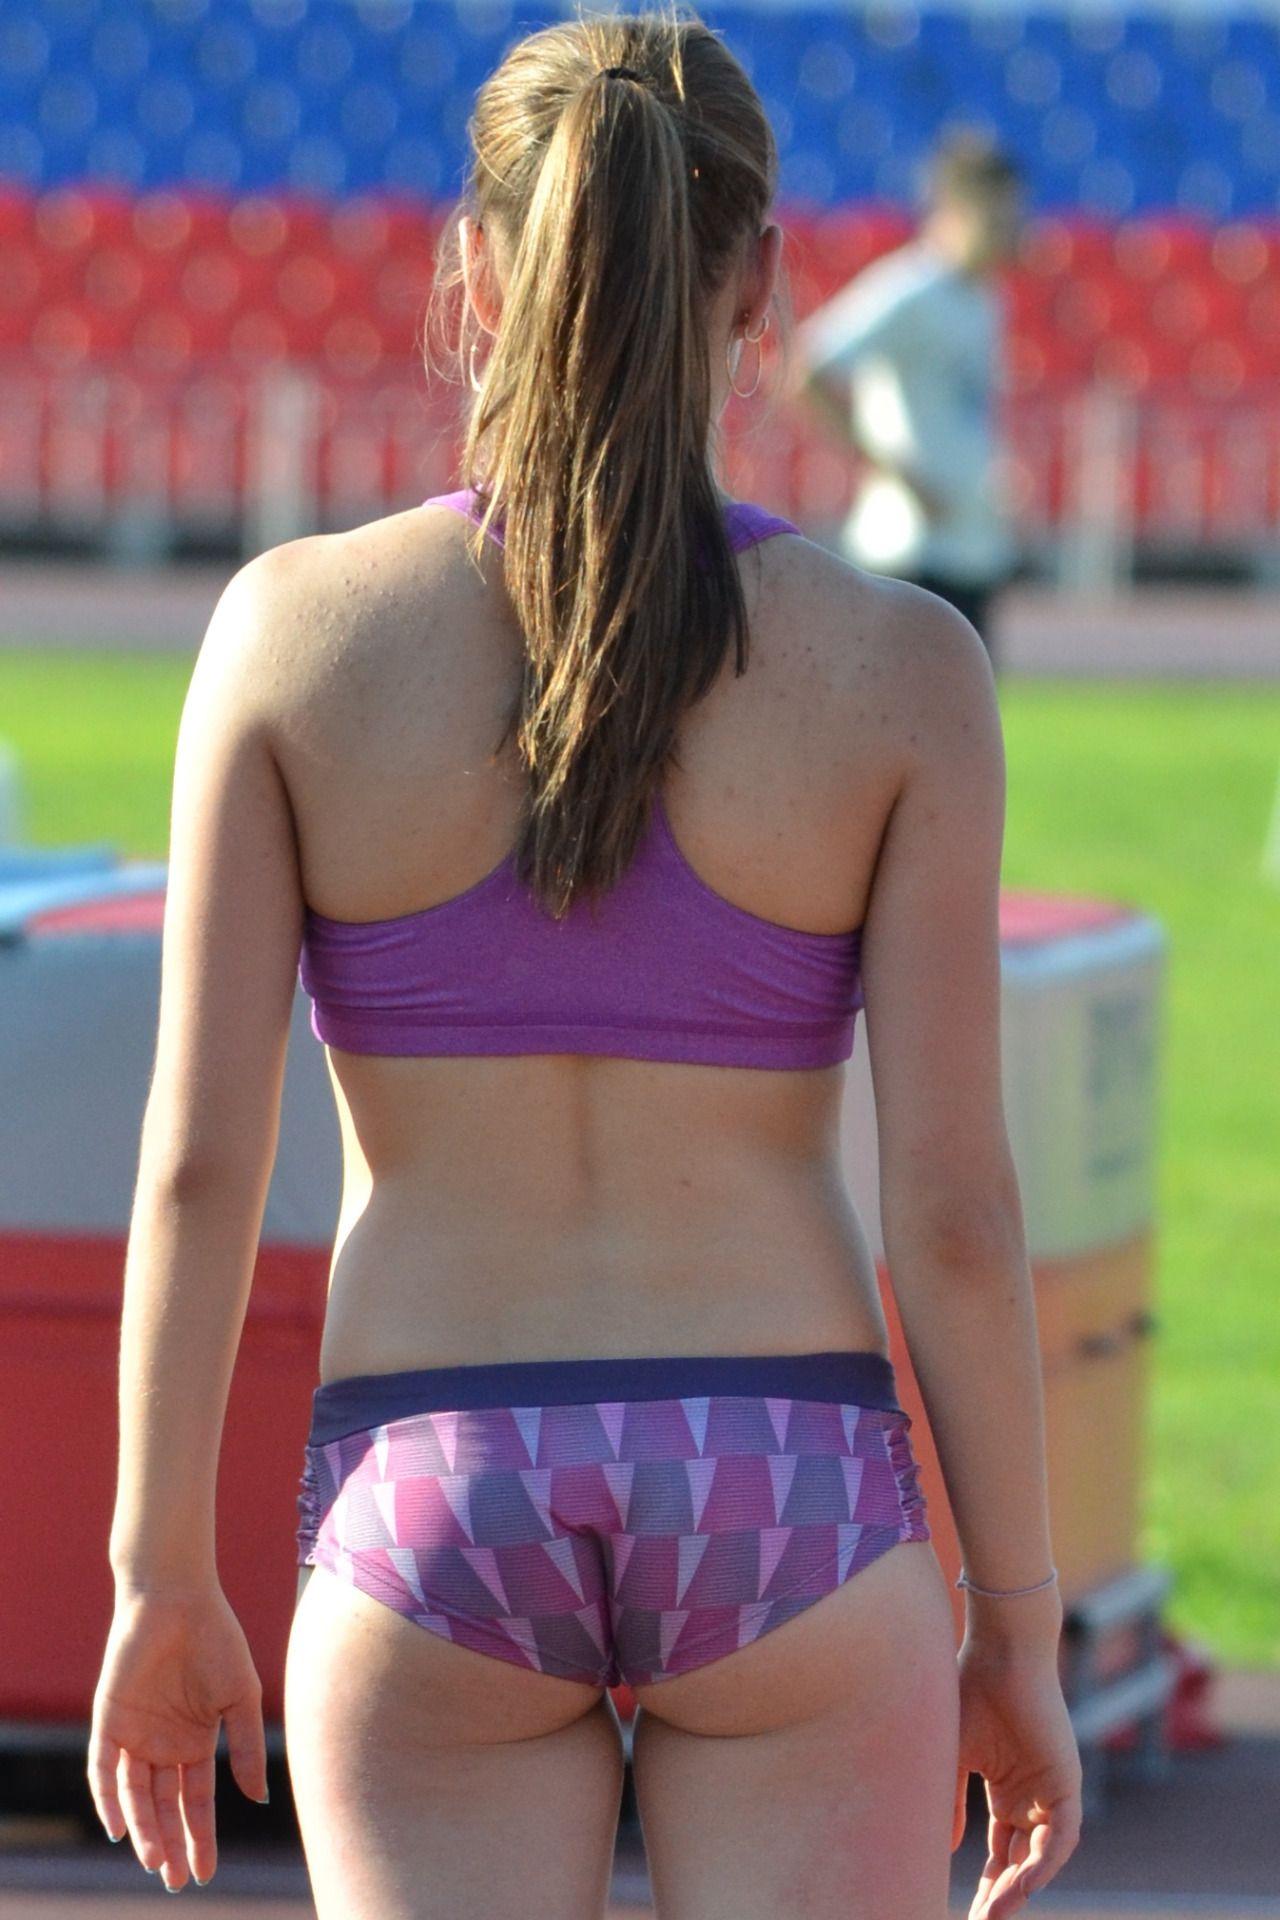 candid girls | sport beaut | pinterest